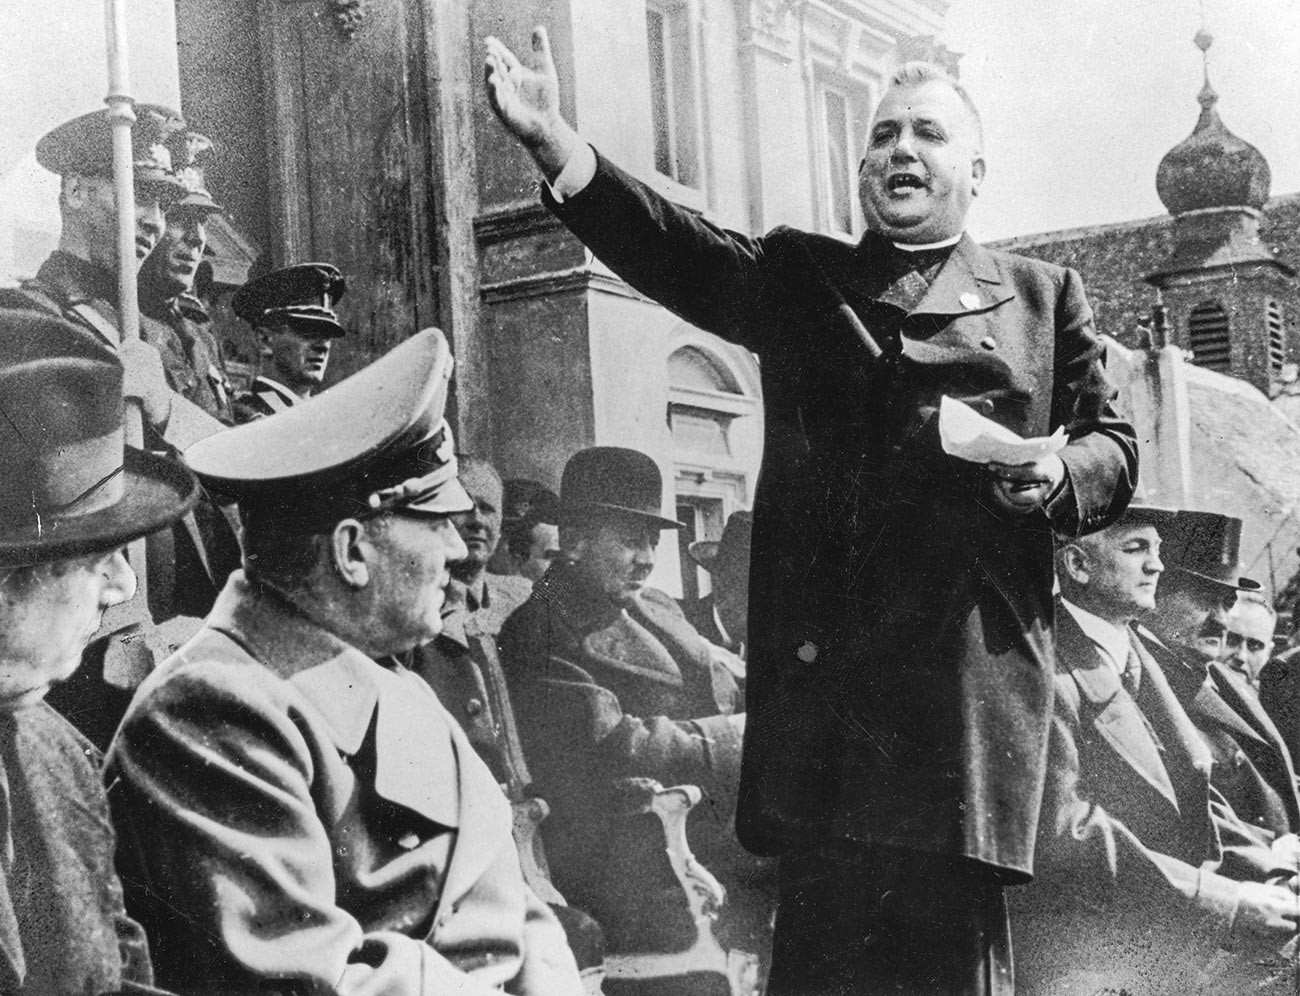 Le prêtre et leader politique slovaque Jozef Tiso (1887-1947) accueille les nazis dans la Slovaquie indépendante, 1939.